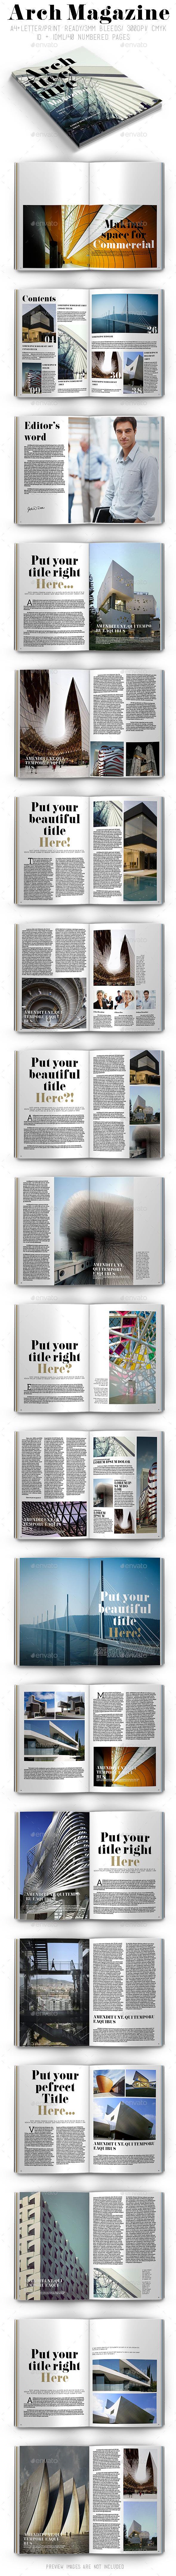 GraphicRiver Arch Magazine 9005156